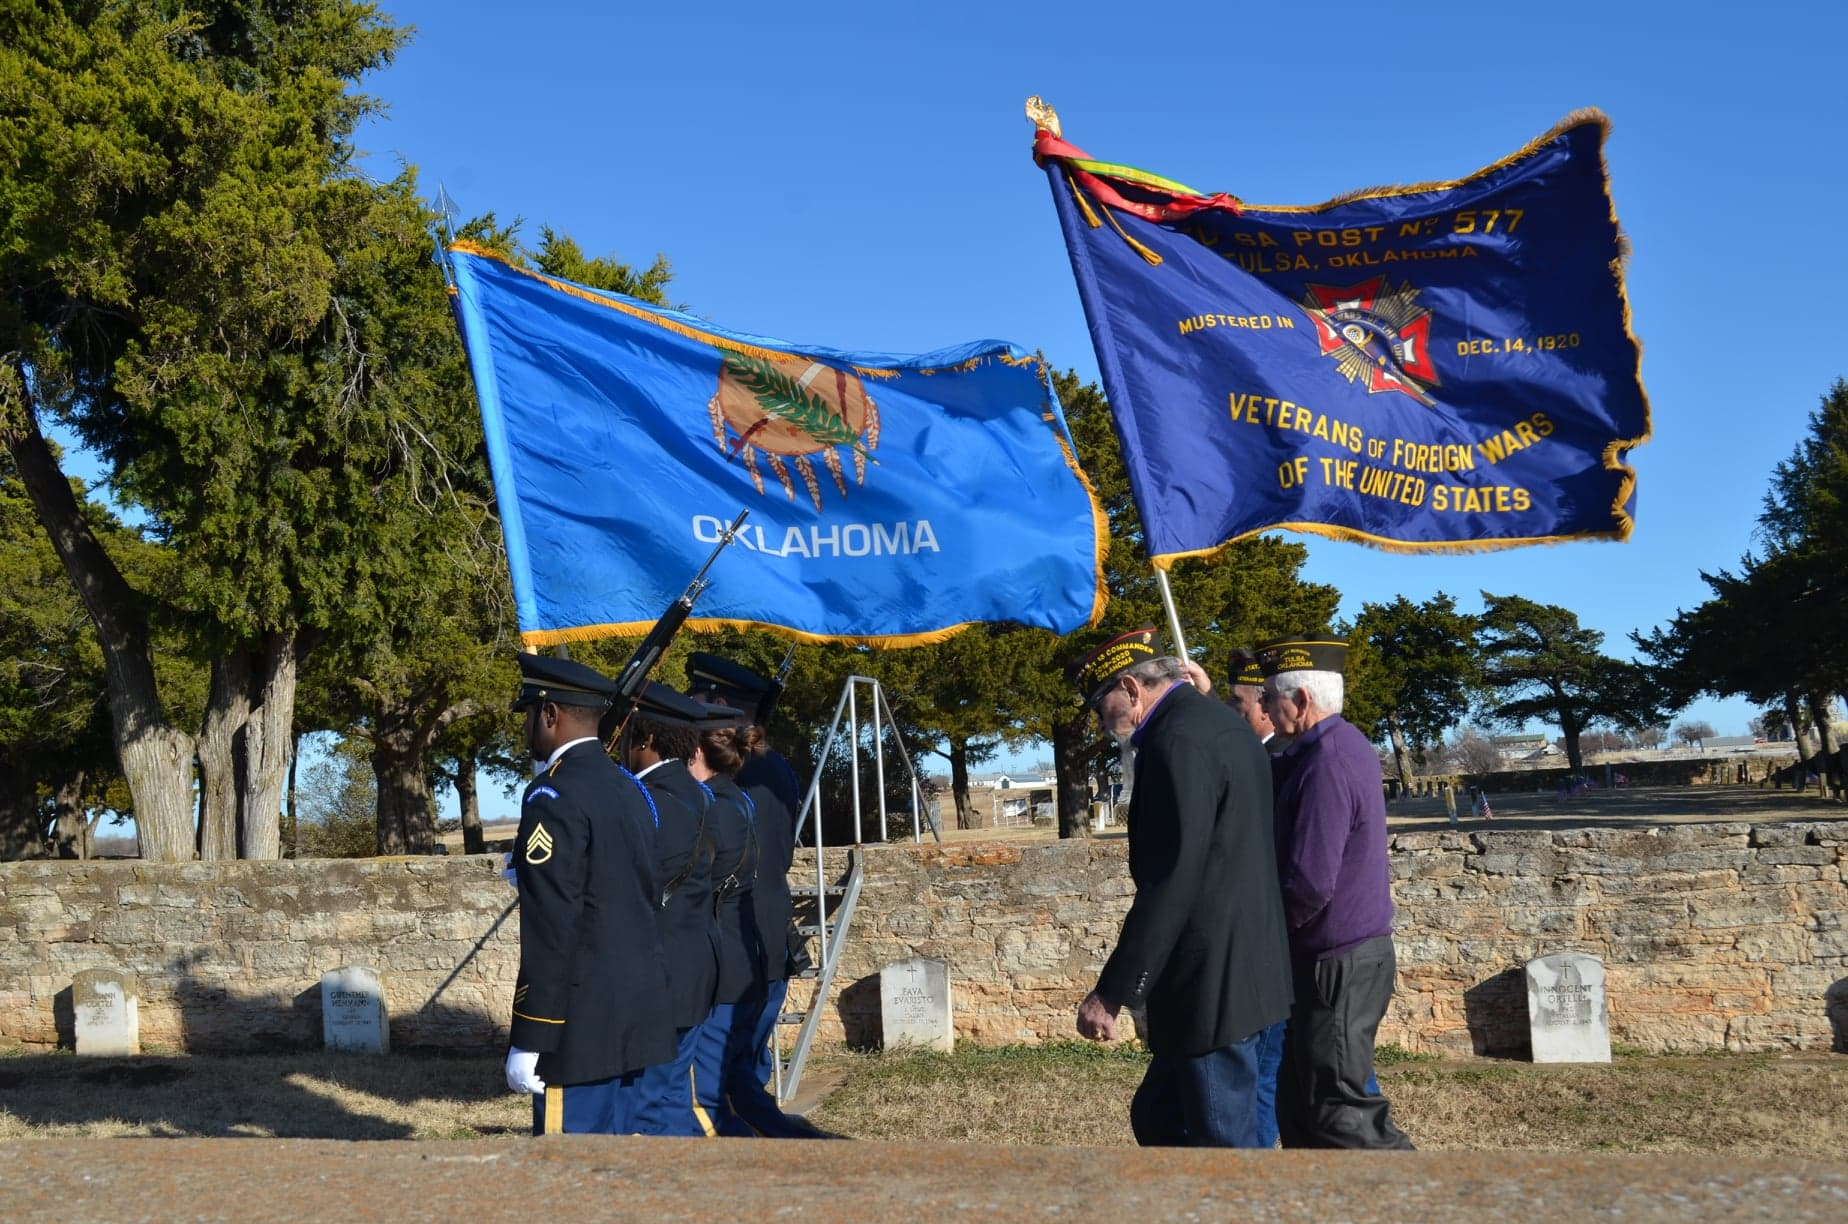 VFW Fort Reno Cemetery